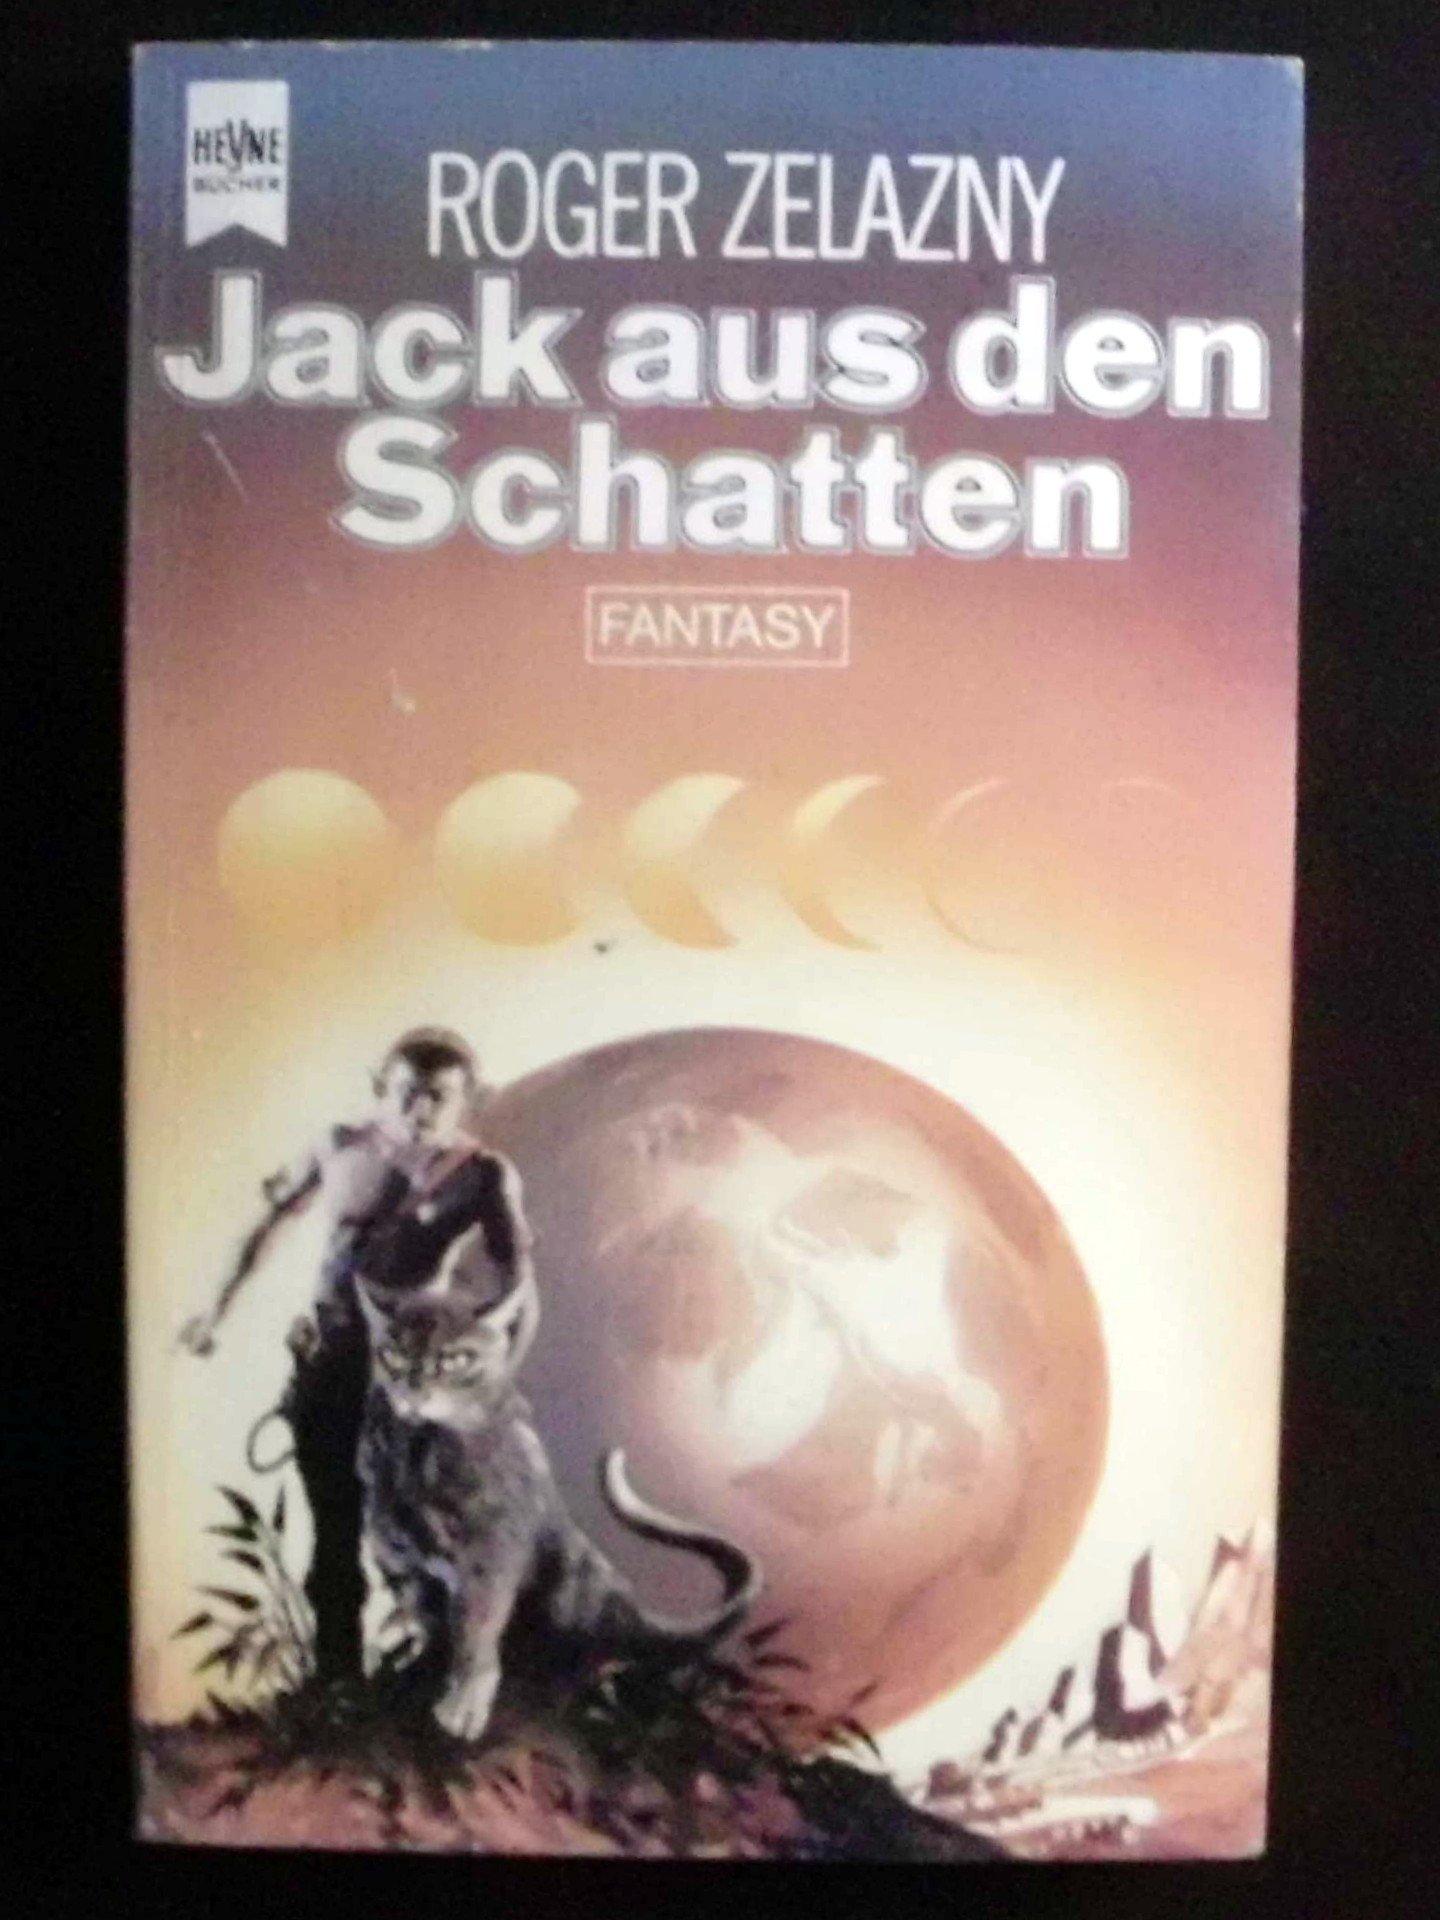 Roger Zelazny - Jack aus den Schatten